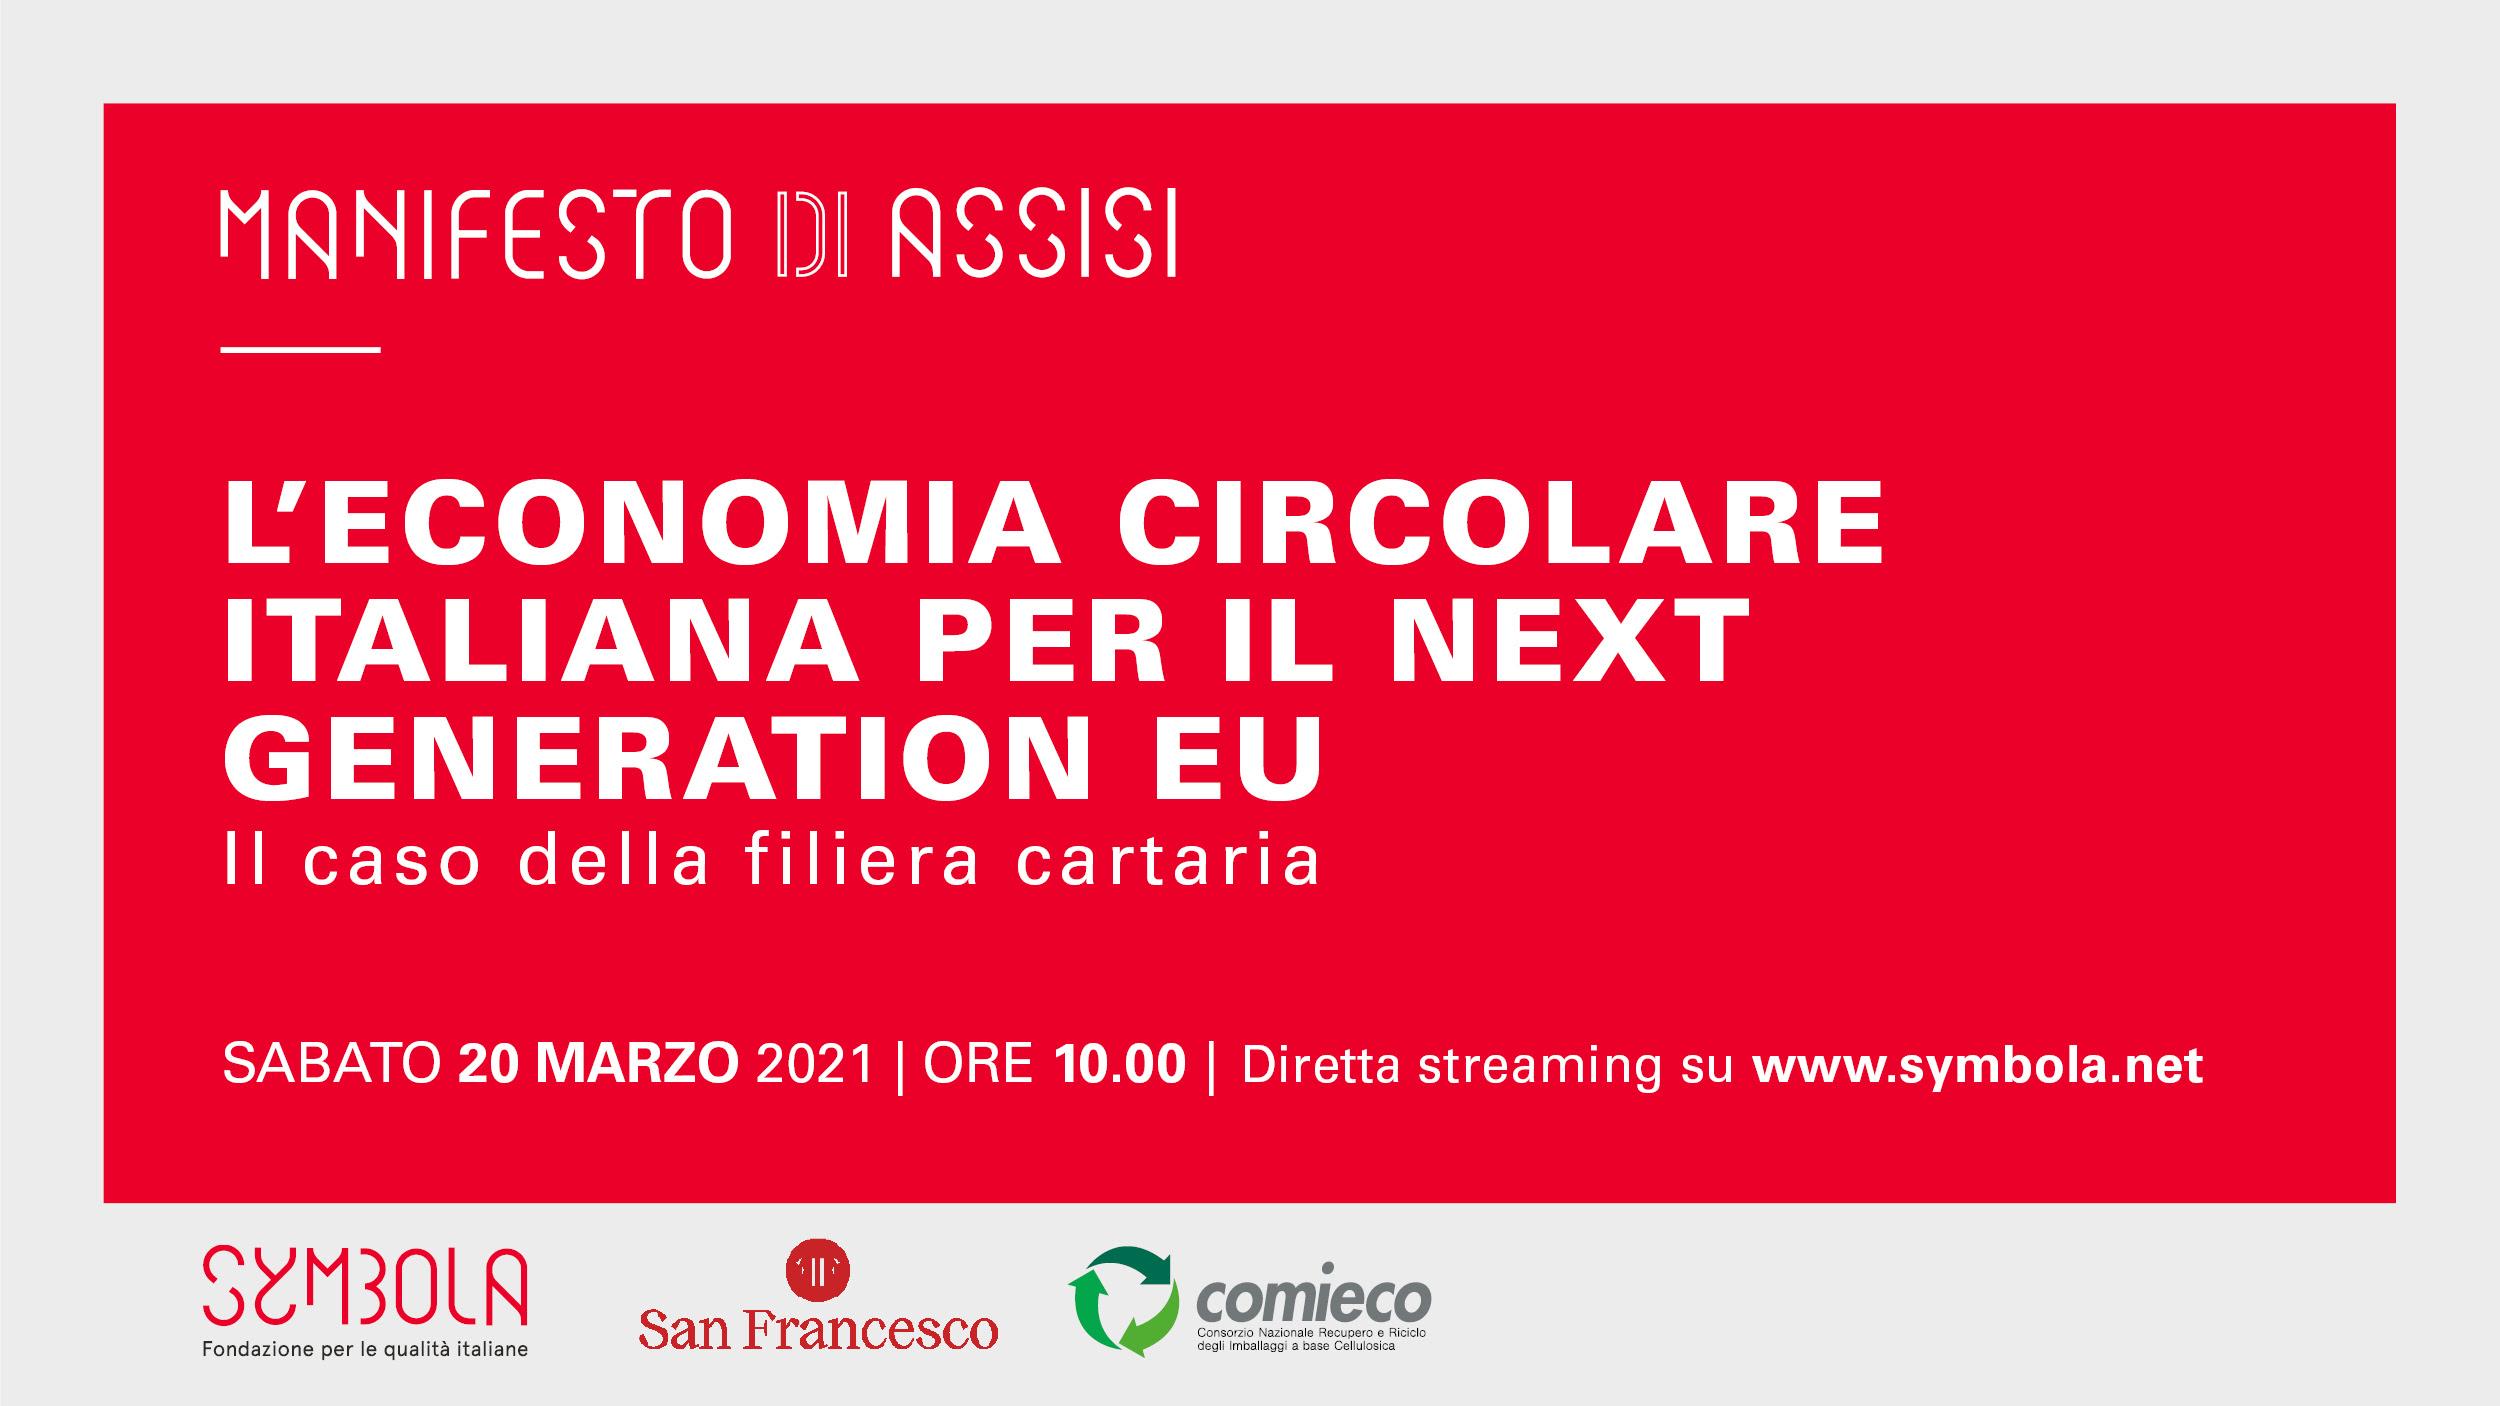 Economia Circolare italiana per il Next Generation Eu